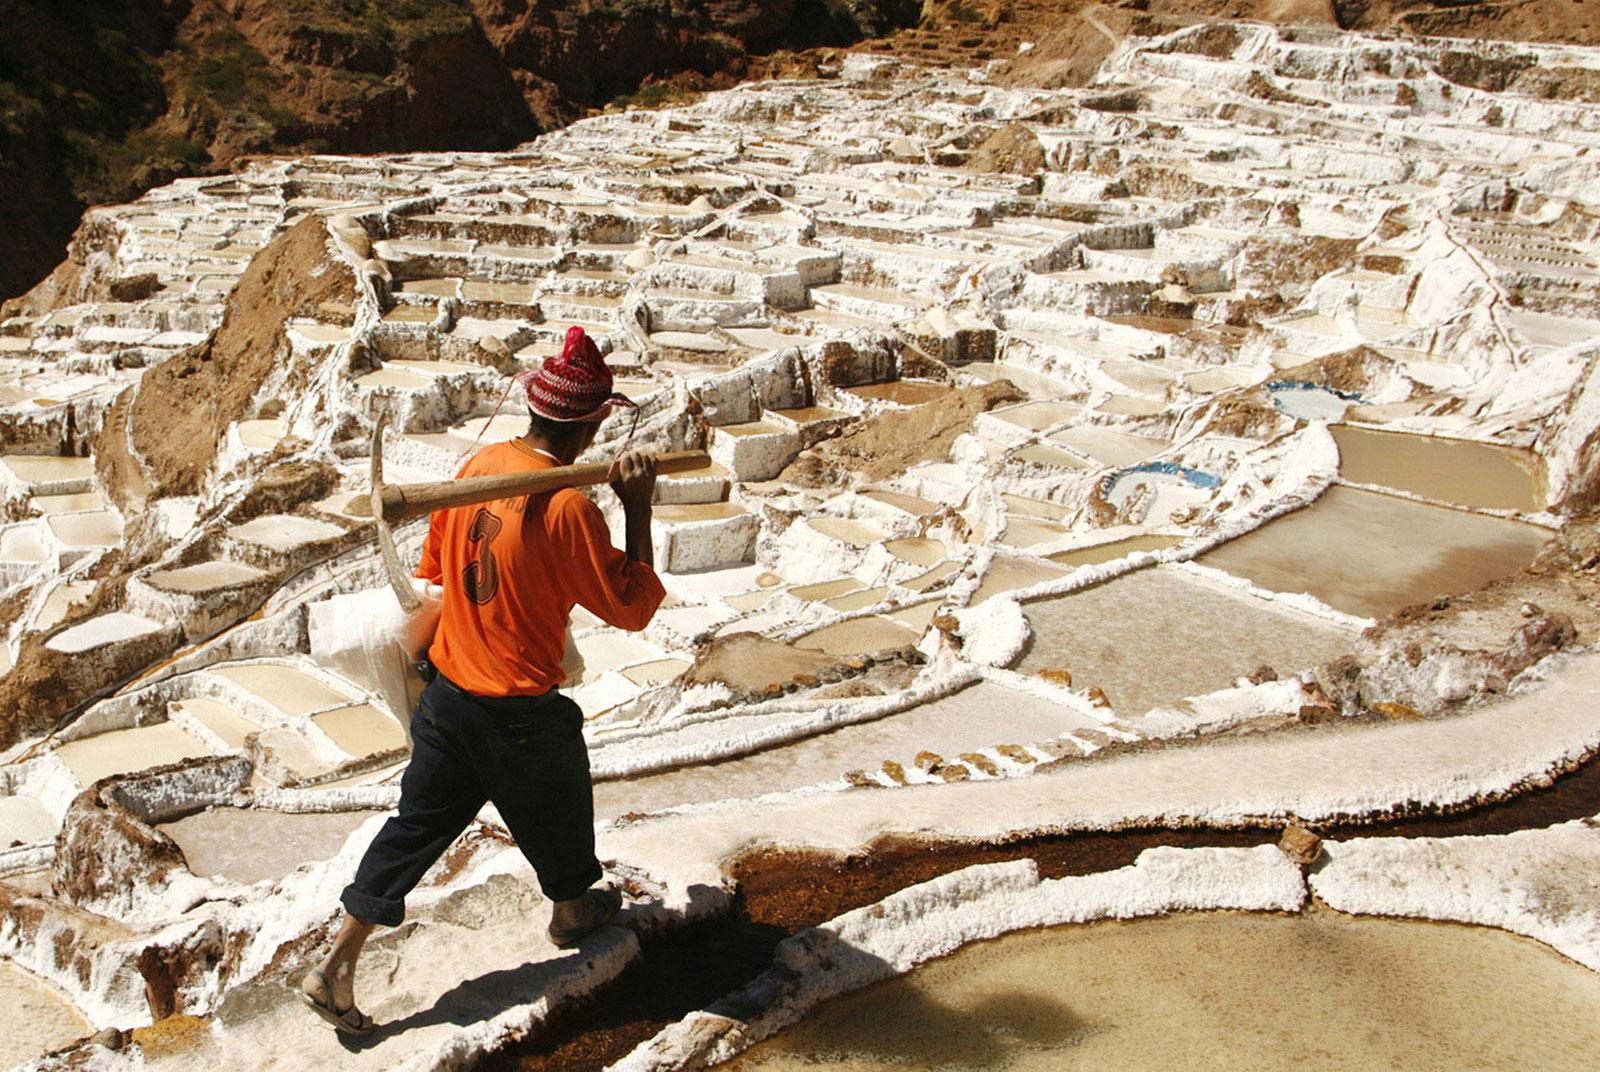 бассейны вырезанные в склоне горы